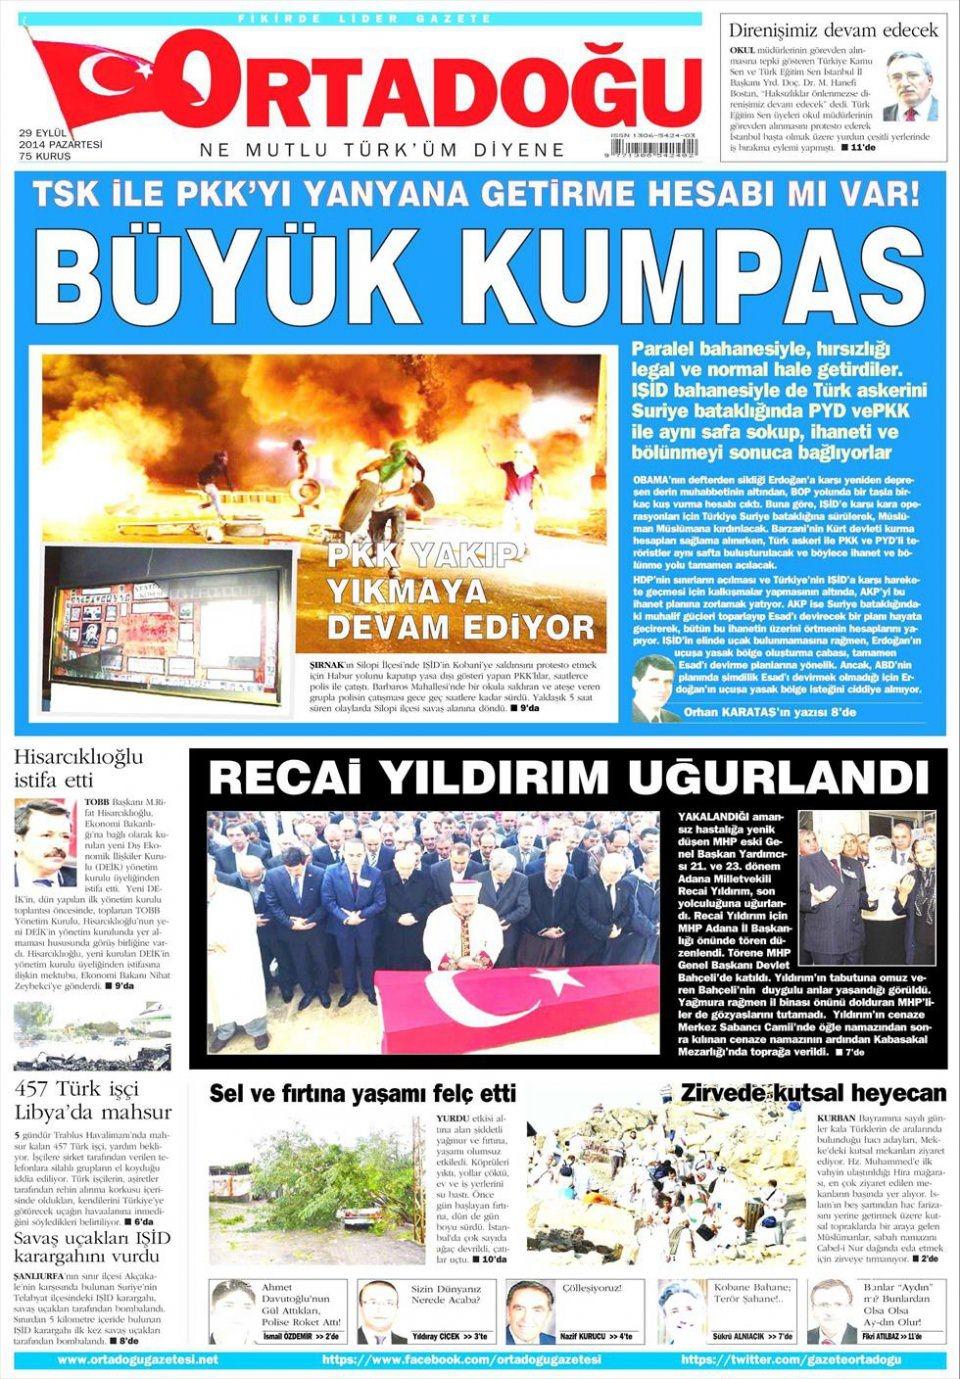 29 Eylül 2014 gazete manşetleri 14